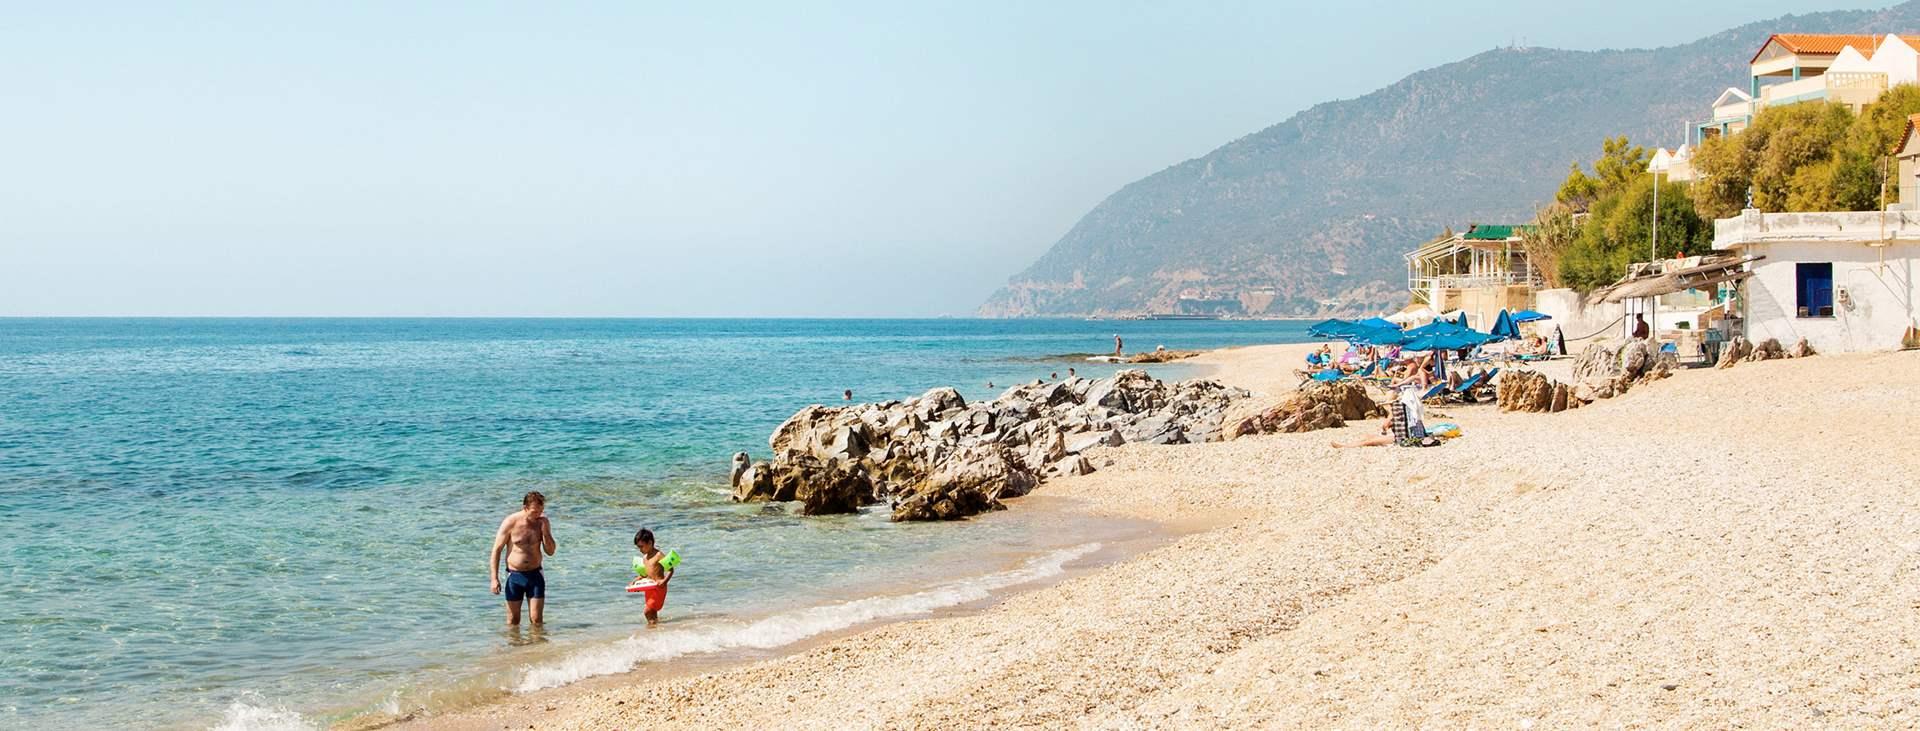 Boka din resa till Lesbos i Grekland med Ving